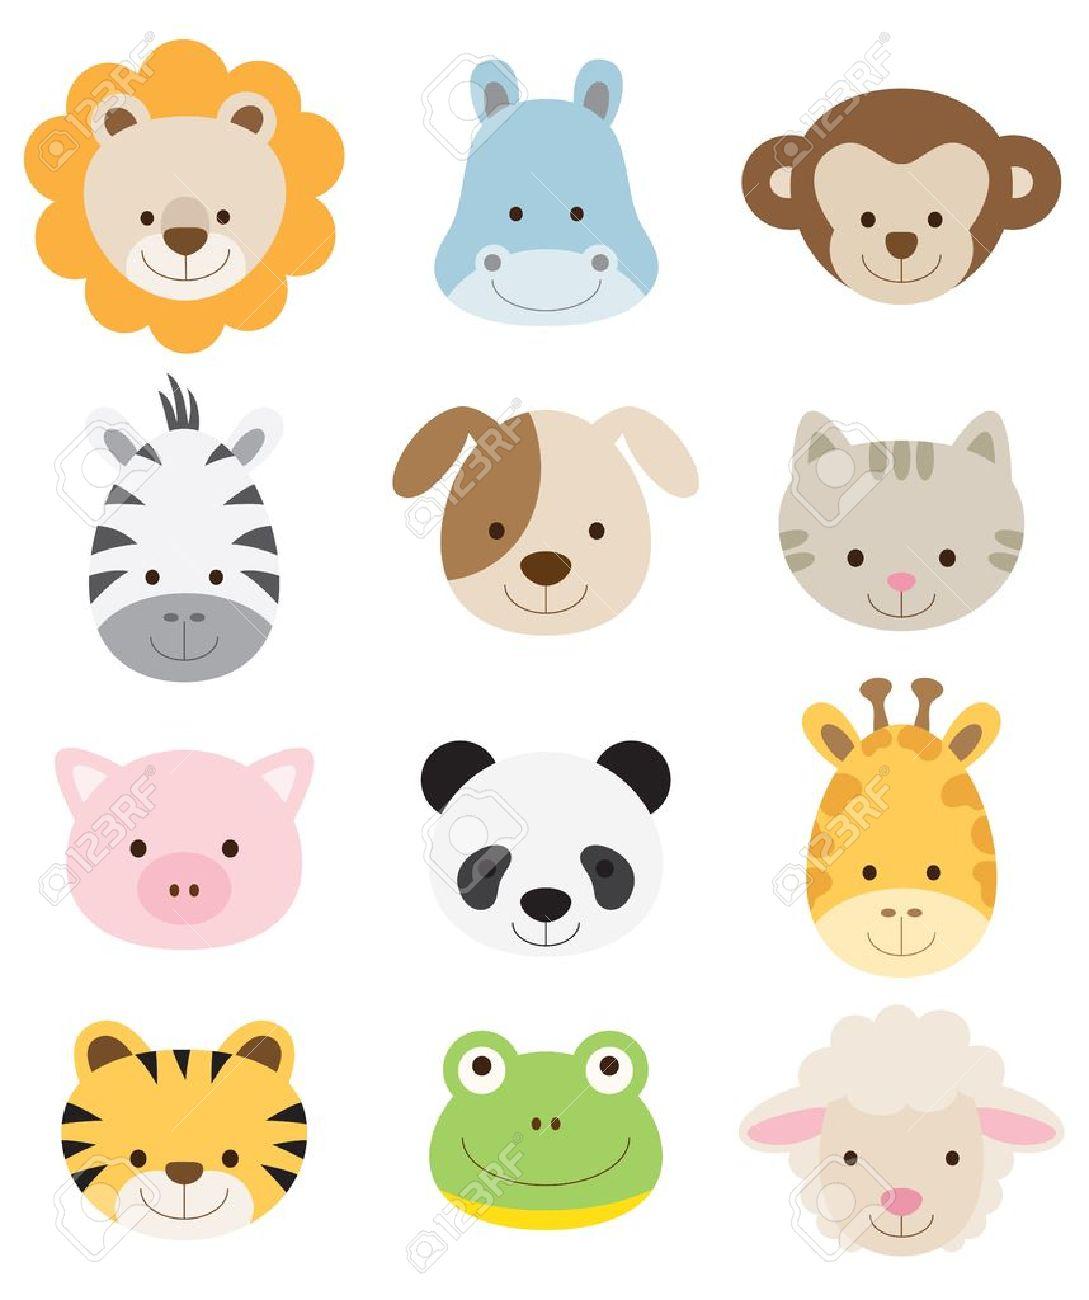 мордочки животных в детских картинках сайта требованию